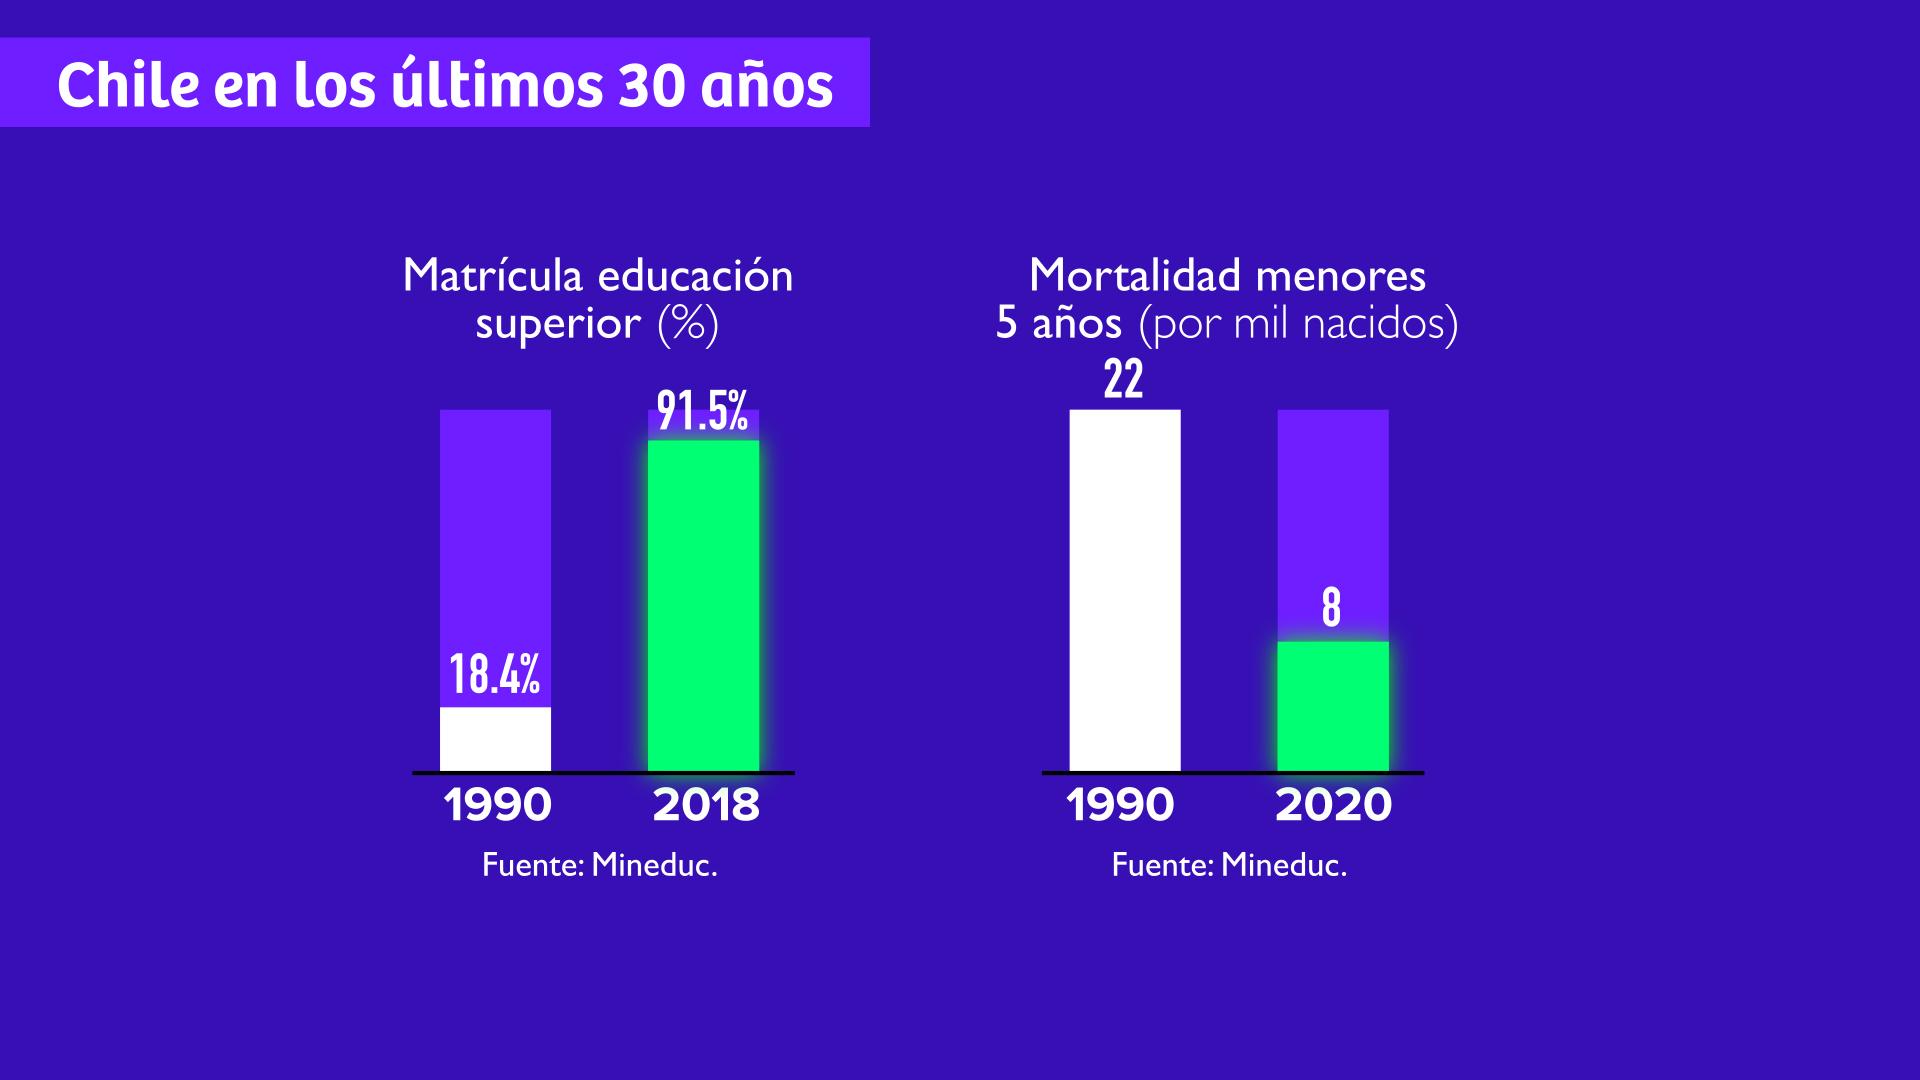 matricula educacion superior y mortalidad en menores